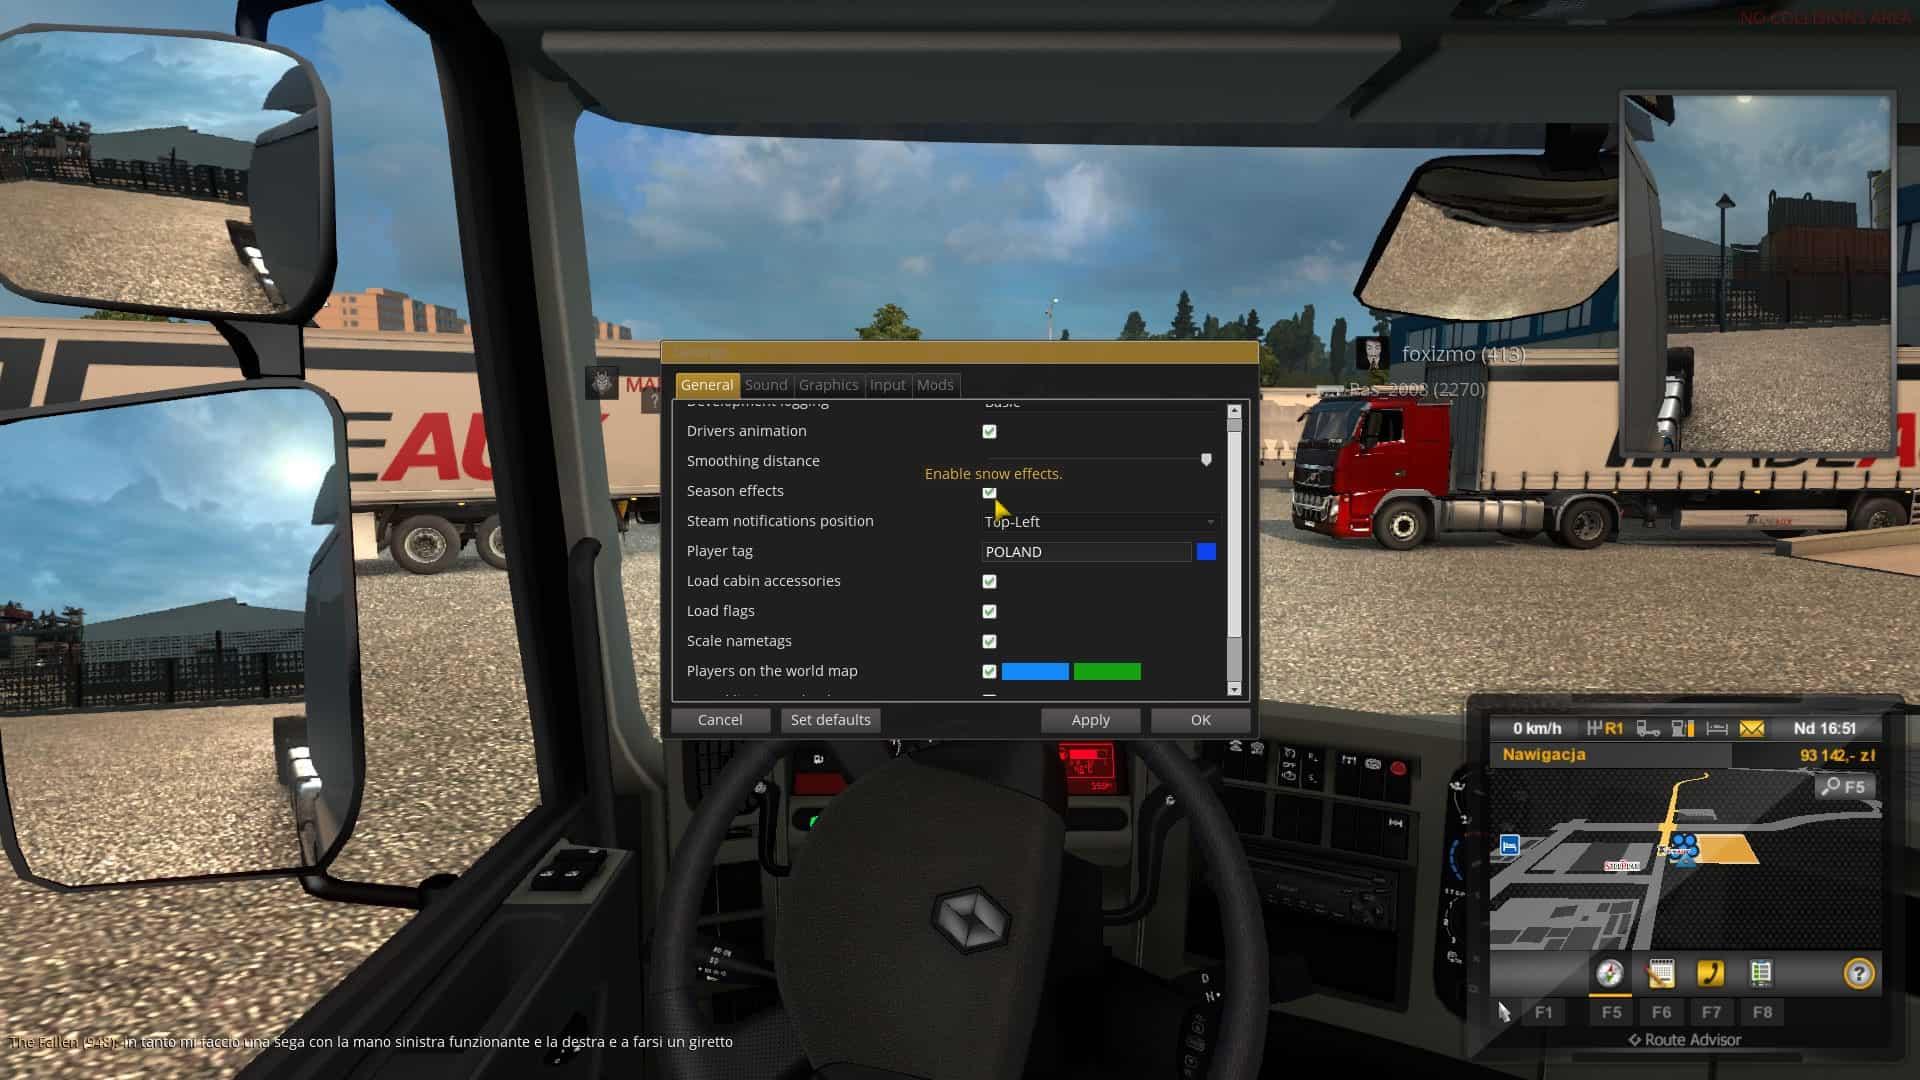 TruckersMP Winter Mod wyłączony, ale pada śnieg. Jak wyłączyć śnieg Euro Truck Simulator 2 Multiplayer